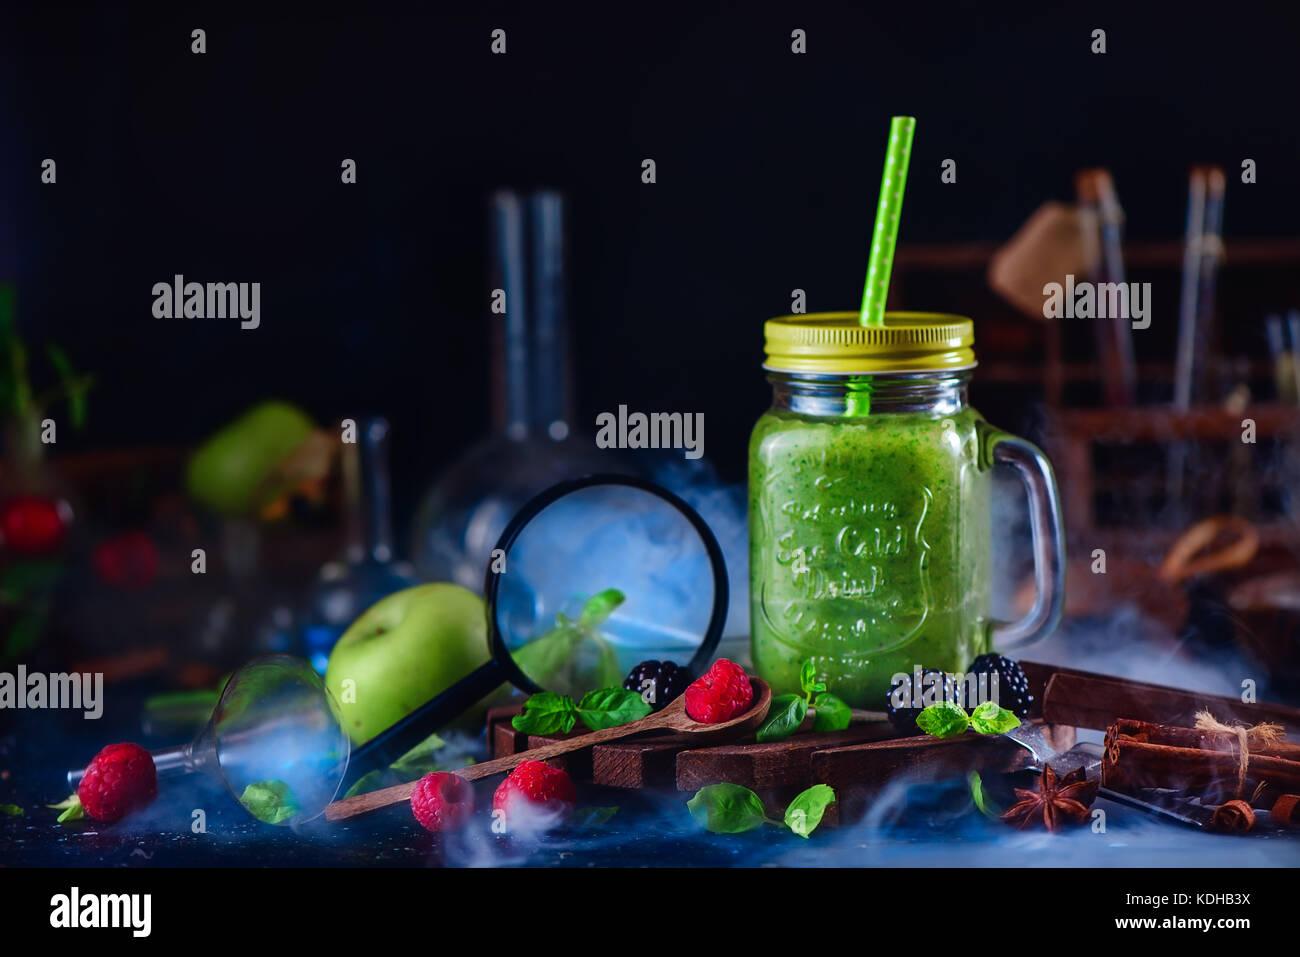 Frullato con jar helthy verde drink in una vita ancora con frutti di bosco, cannella, anice, lente di ingrandimento Immagini Stock